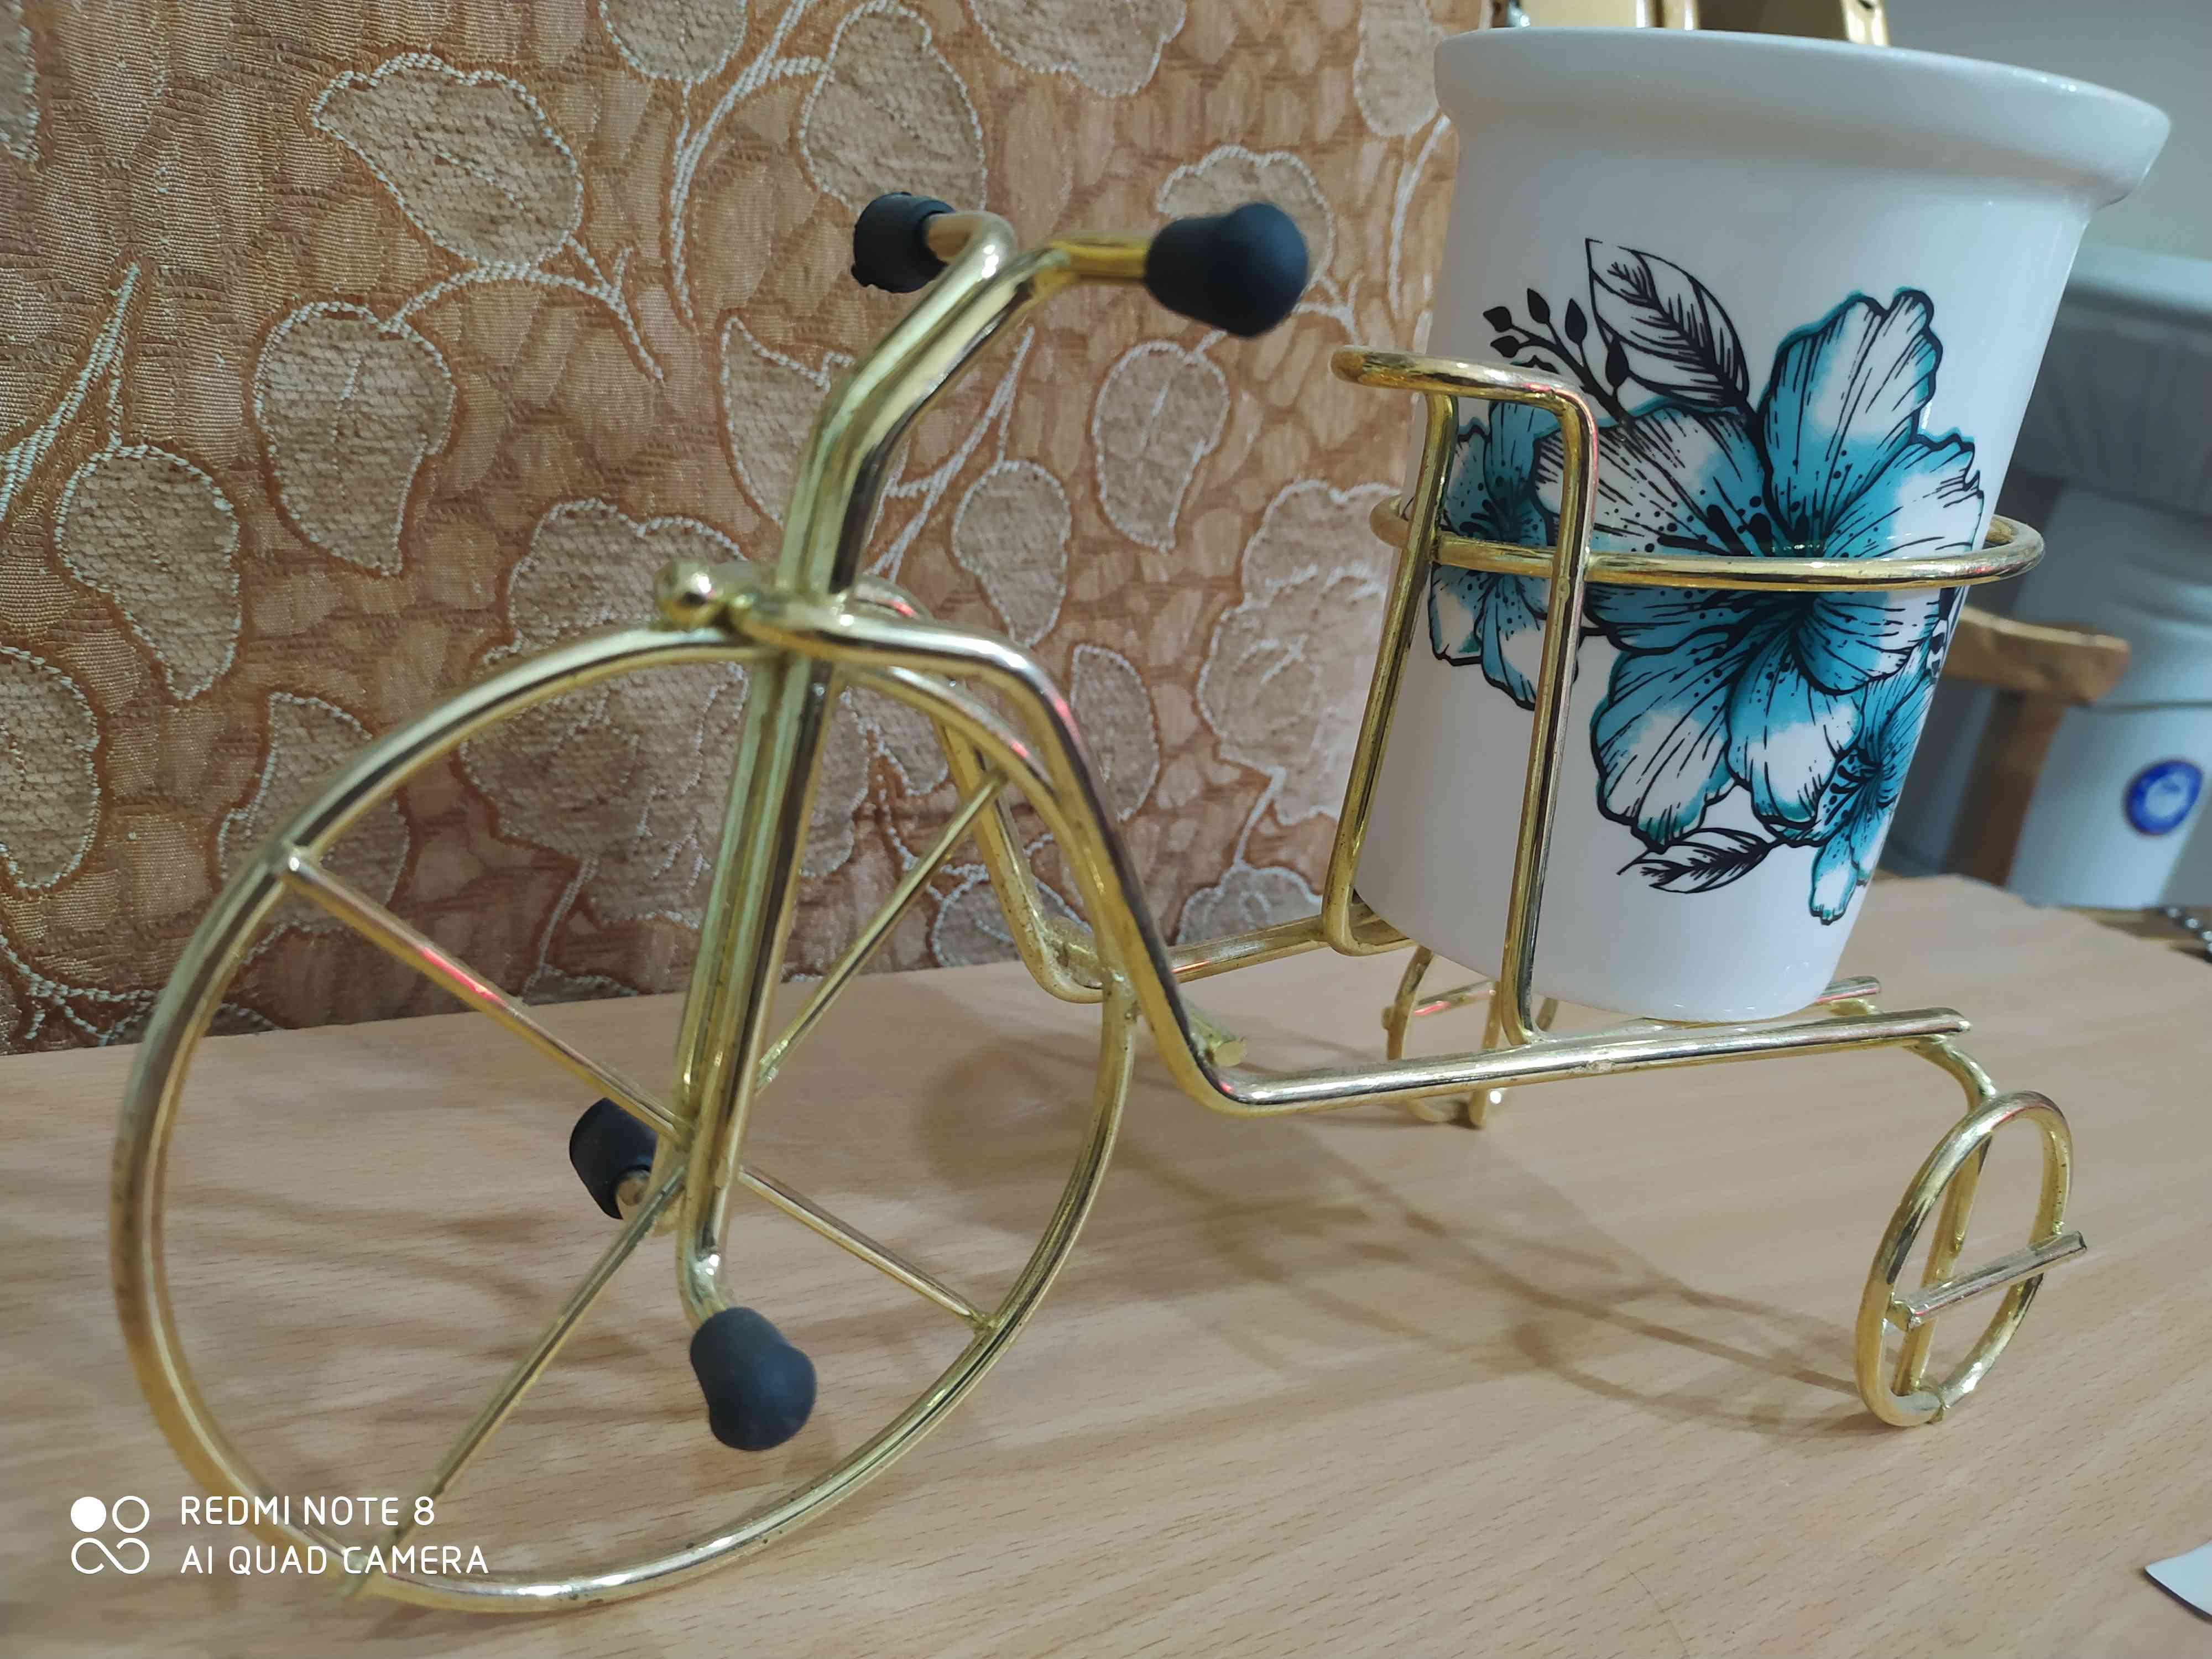 جا قاشقی مدل دوچرخه و گلدان مدل دوچرخه